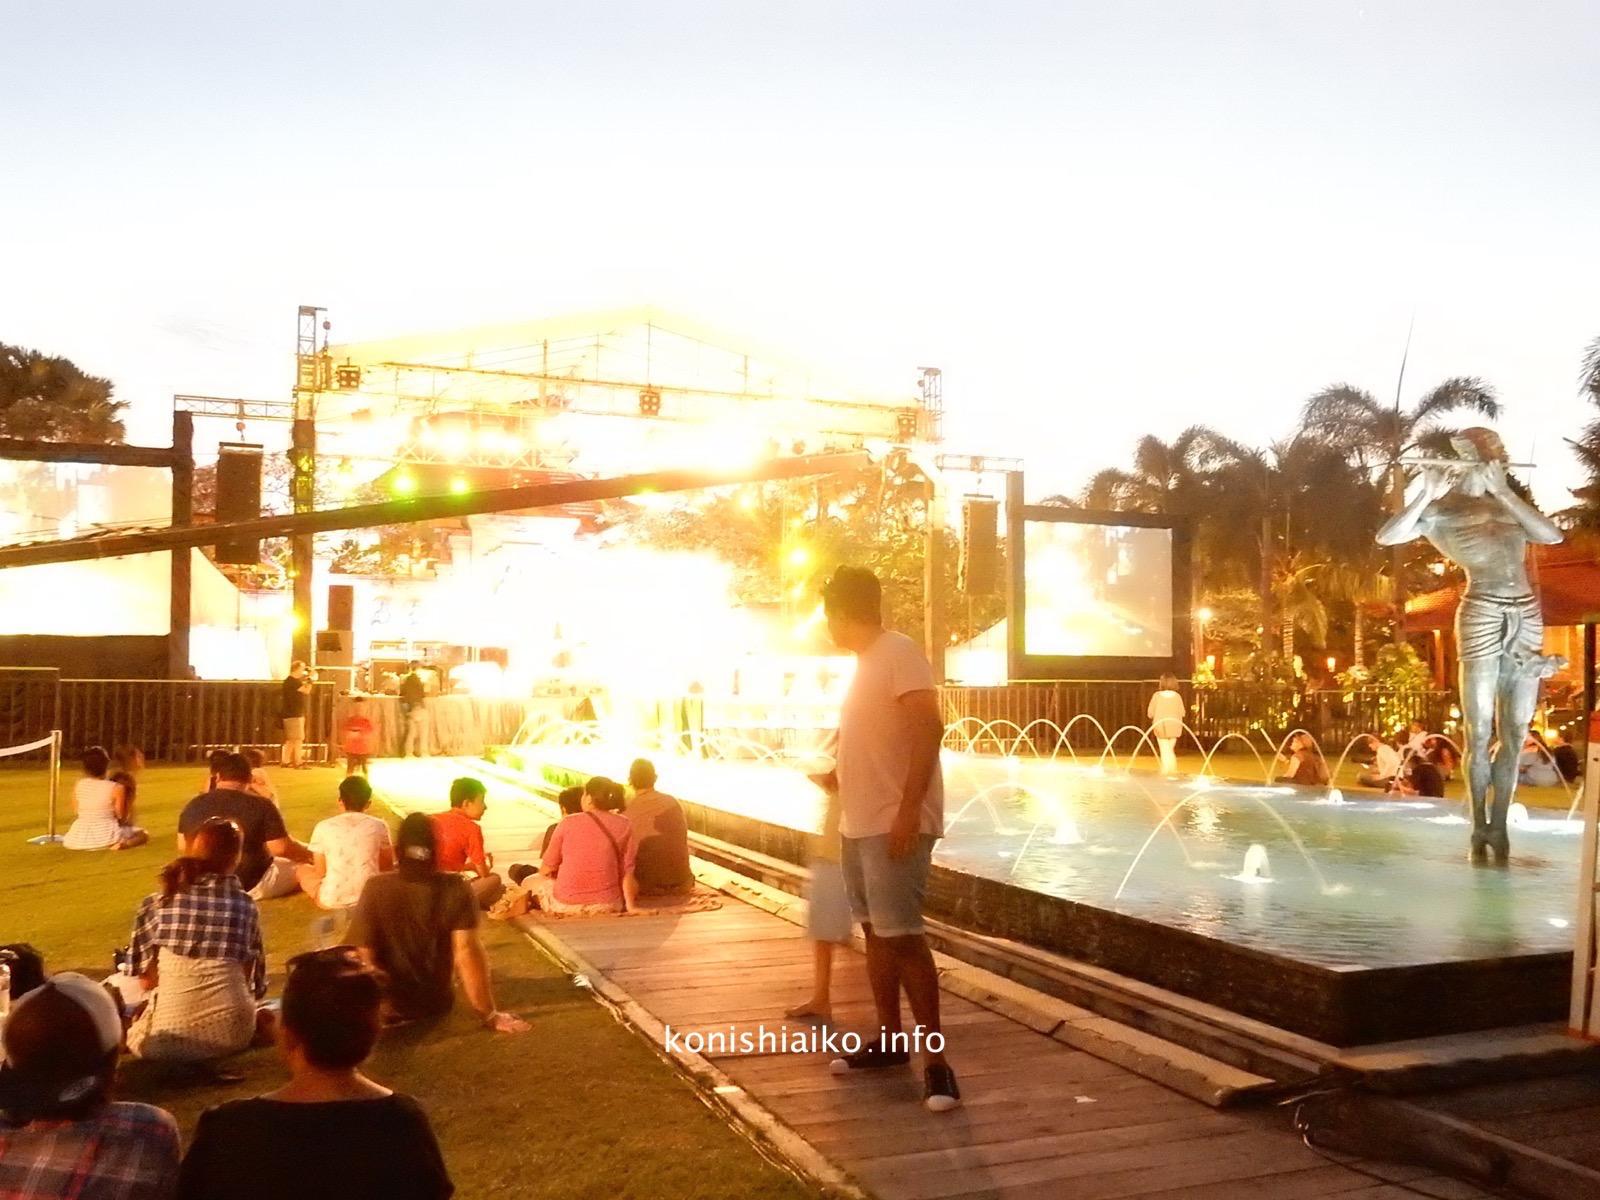 中央ステージを囲んで芝生に座る観客